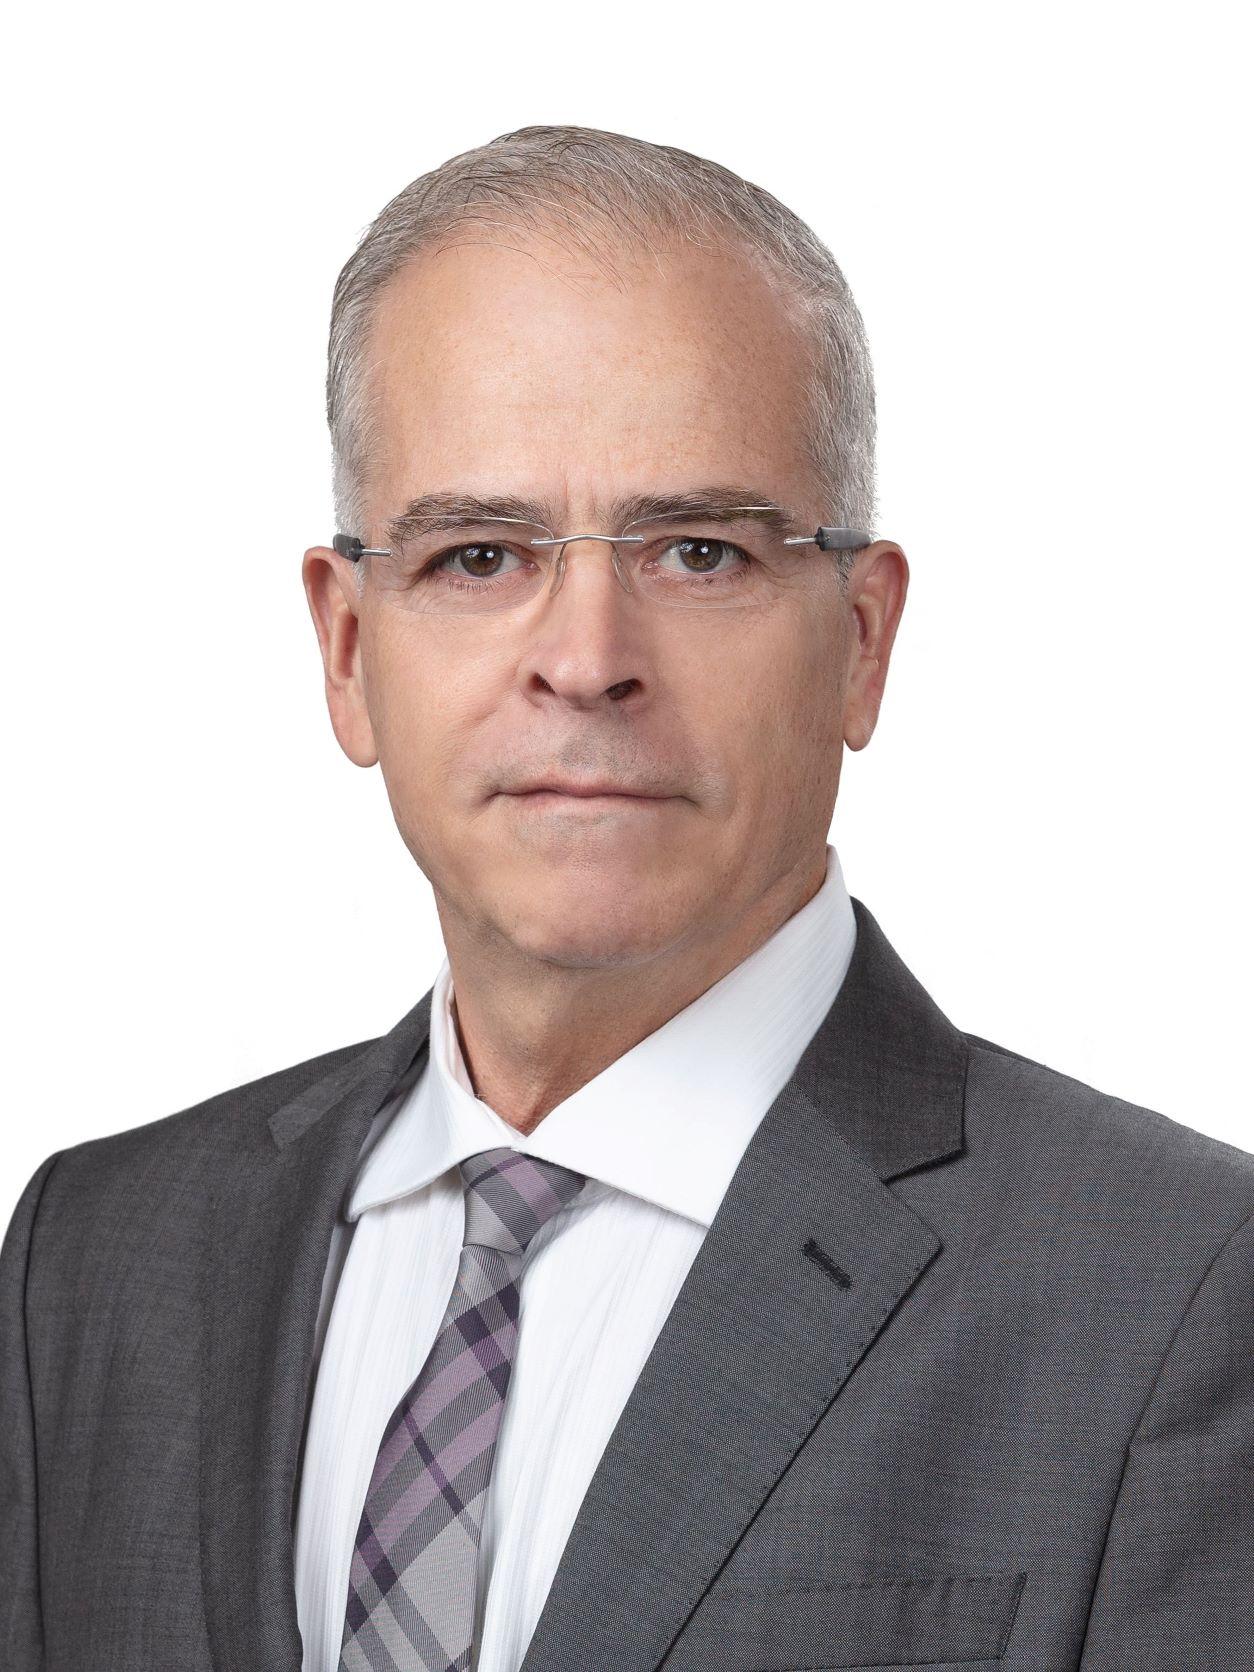 Hector Meza